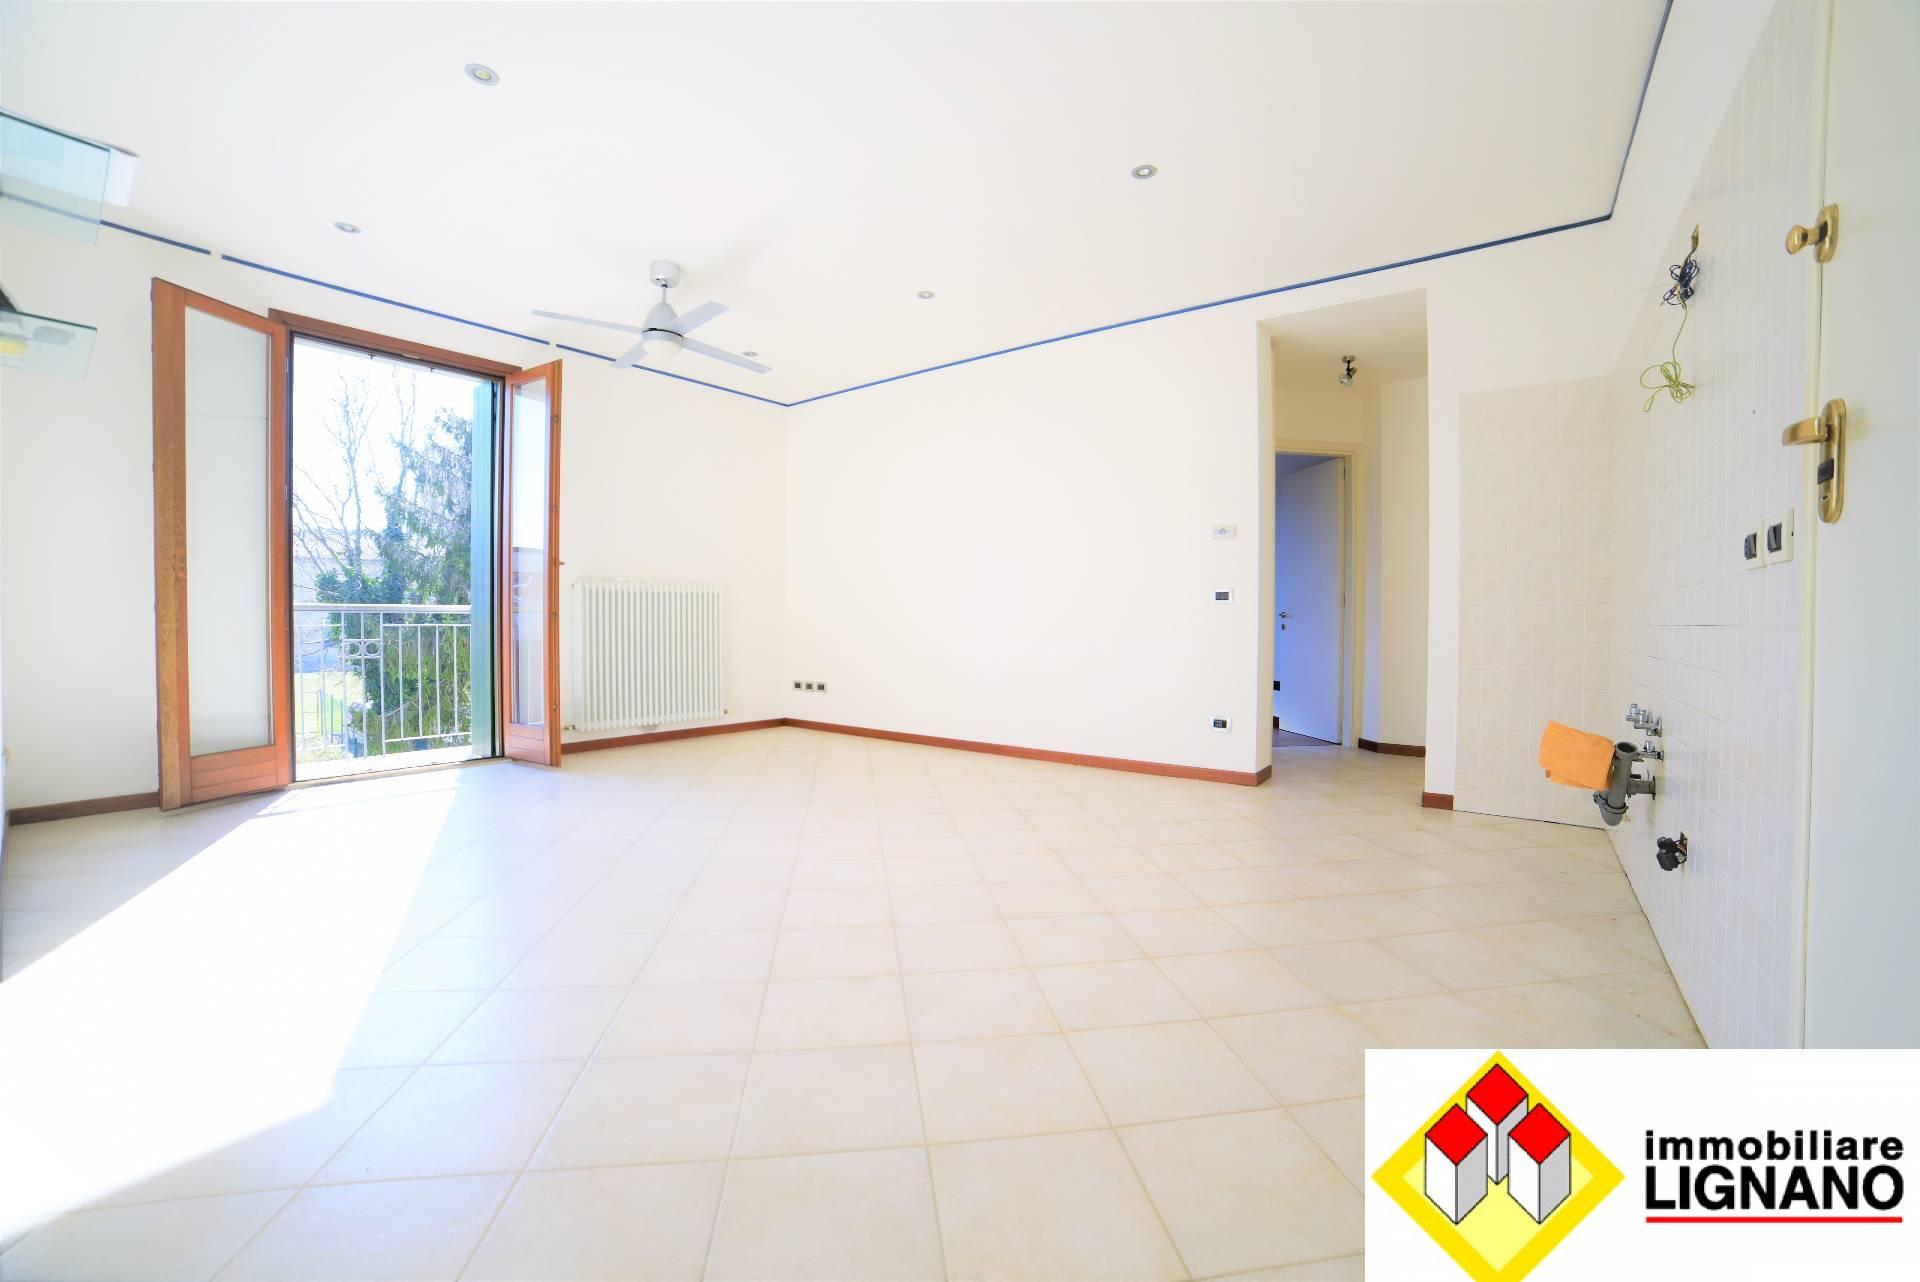 Appartamento in vendita a Latisana, 3 locali, zona Località: Centro, prezzo € 100.000 | PortaleAgenzieImmobiliari.it